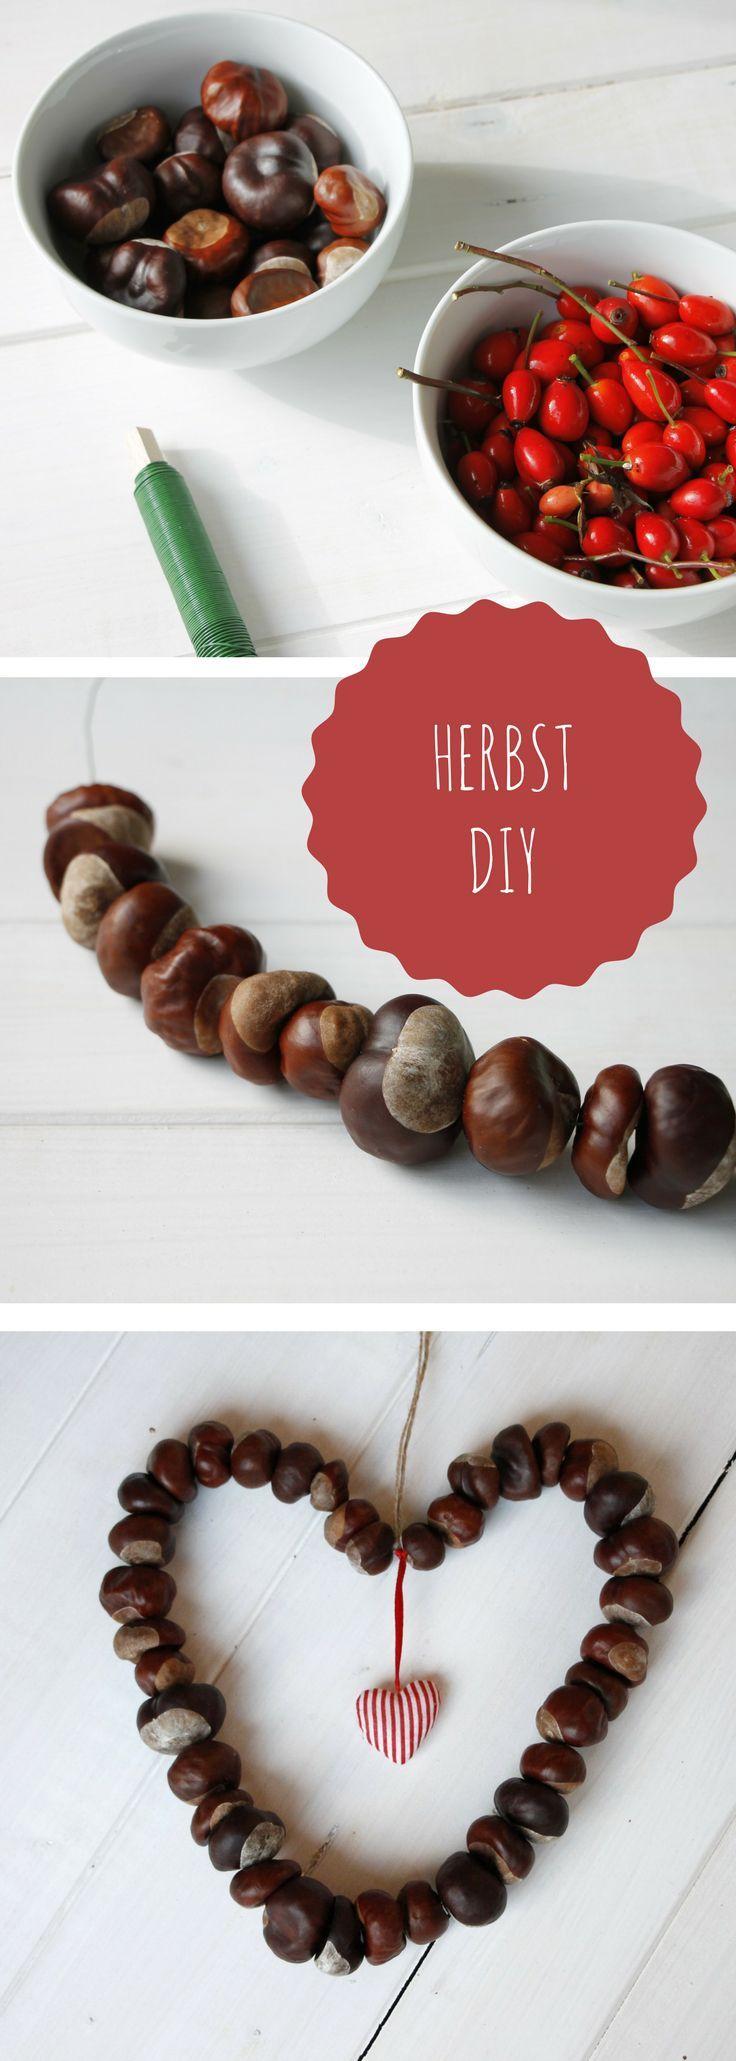 DIY-Idee für den Herbst: Kastanienherz und Hagebuttenkranz